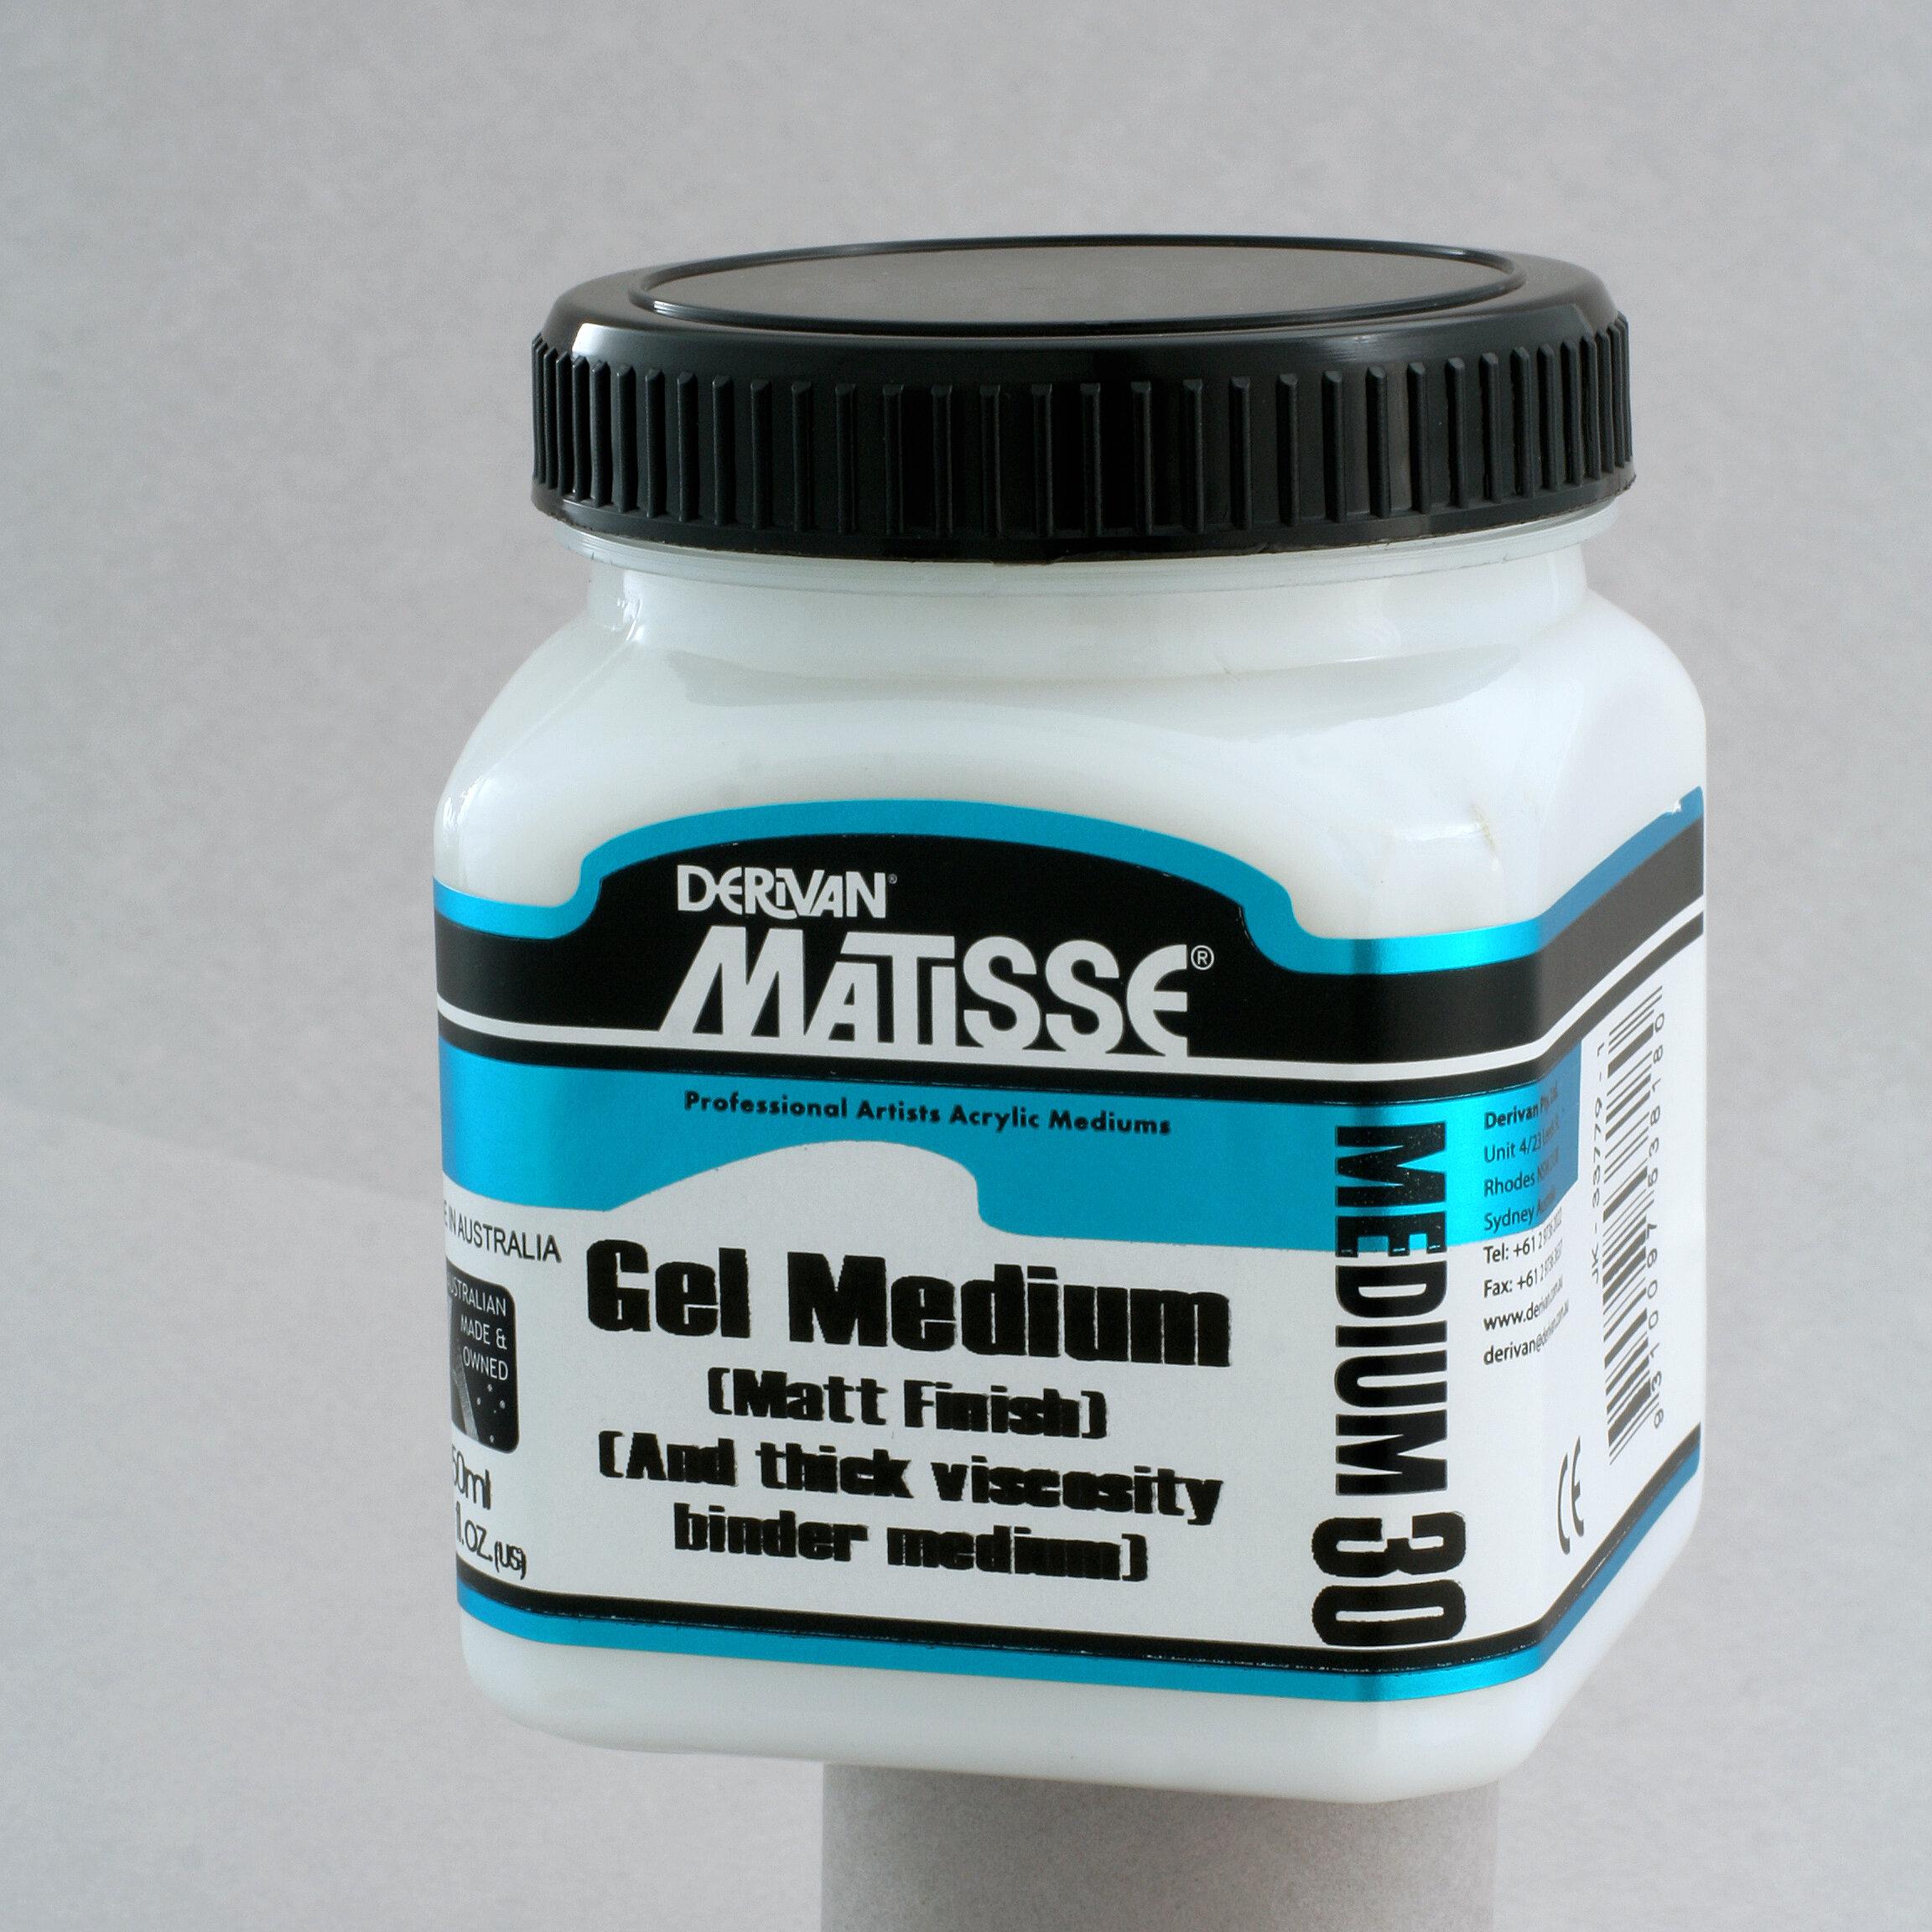 MM30 Matt Gel Medium - ———————All the valued qualities of Derivan's original Matisse Gel Medium, now in a matt finish.